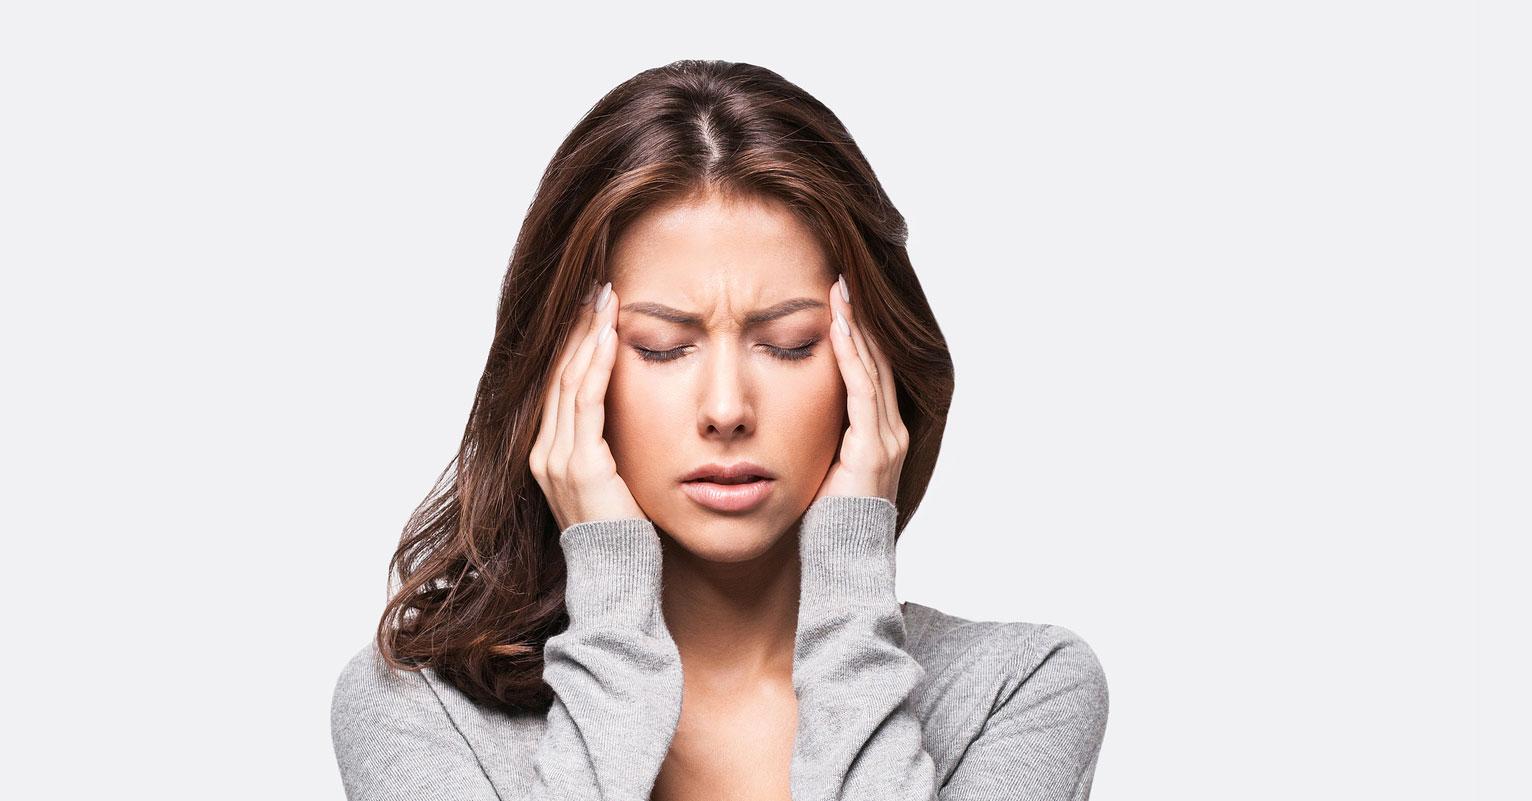 headache-woman.jpg